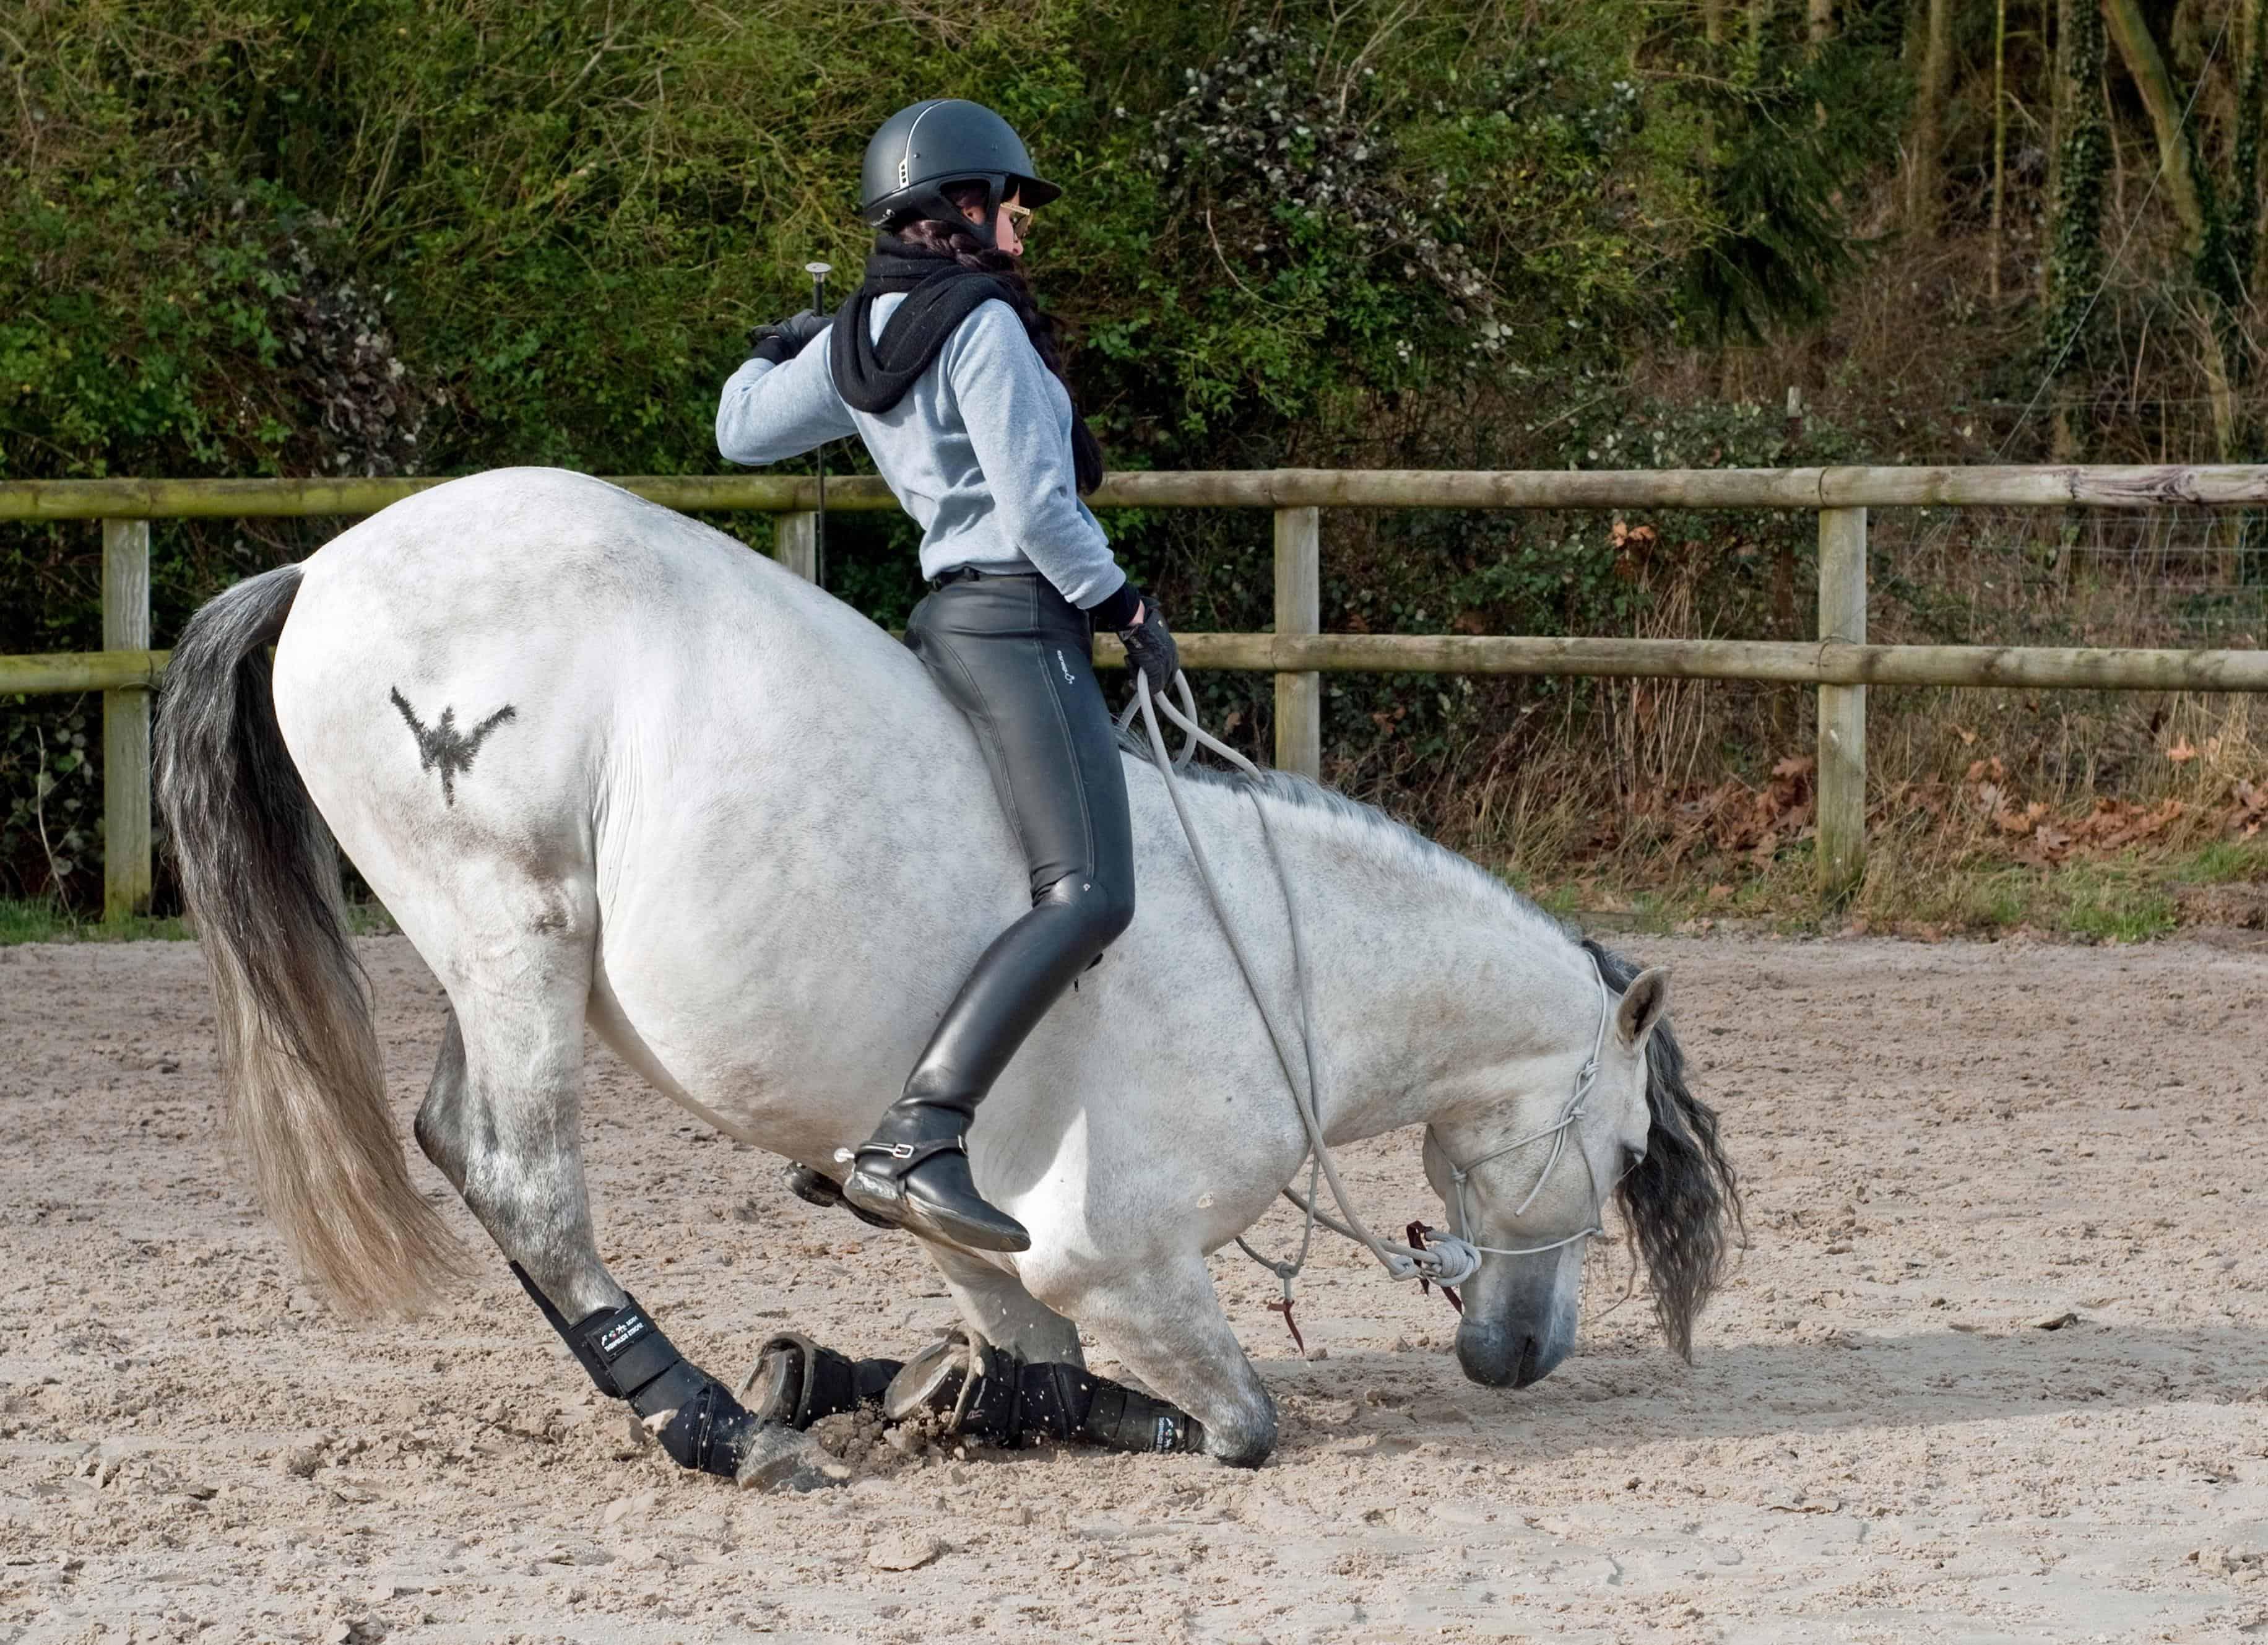 Управление лошадью картинки